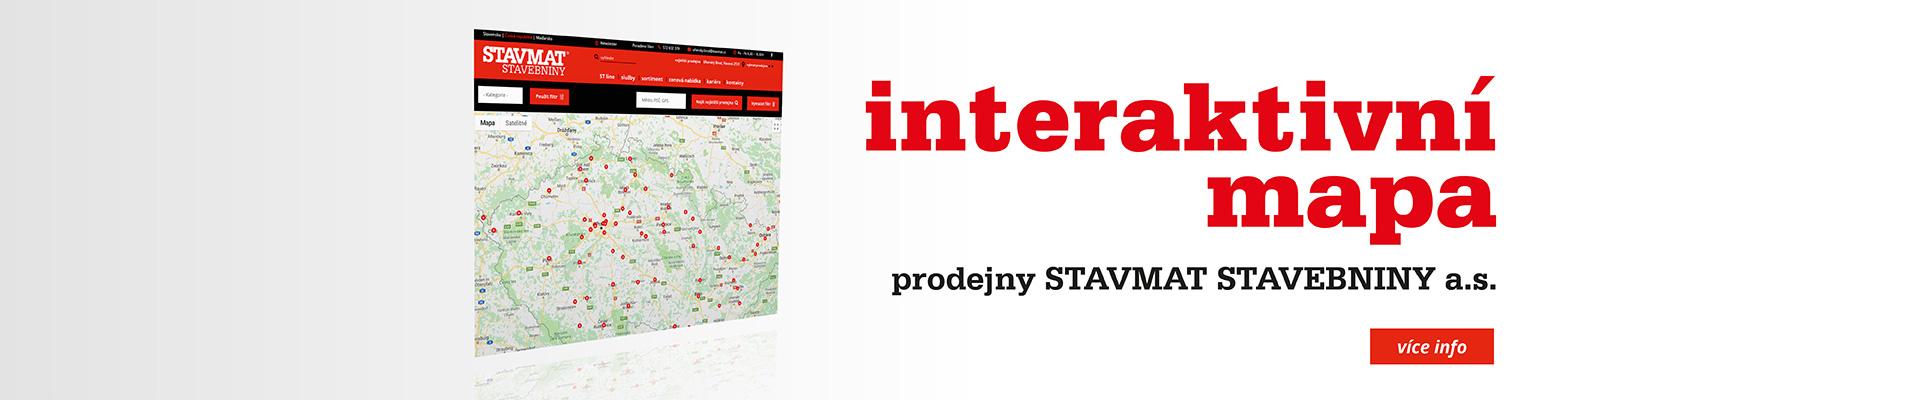 Interaktivní mapa